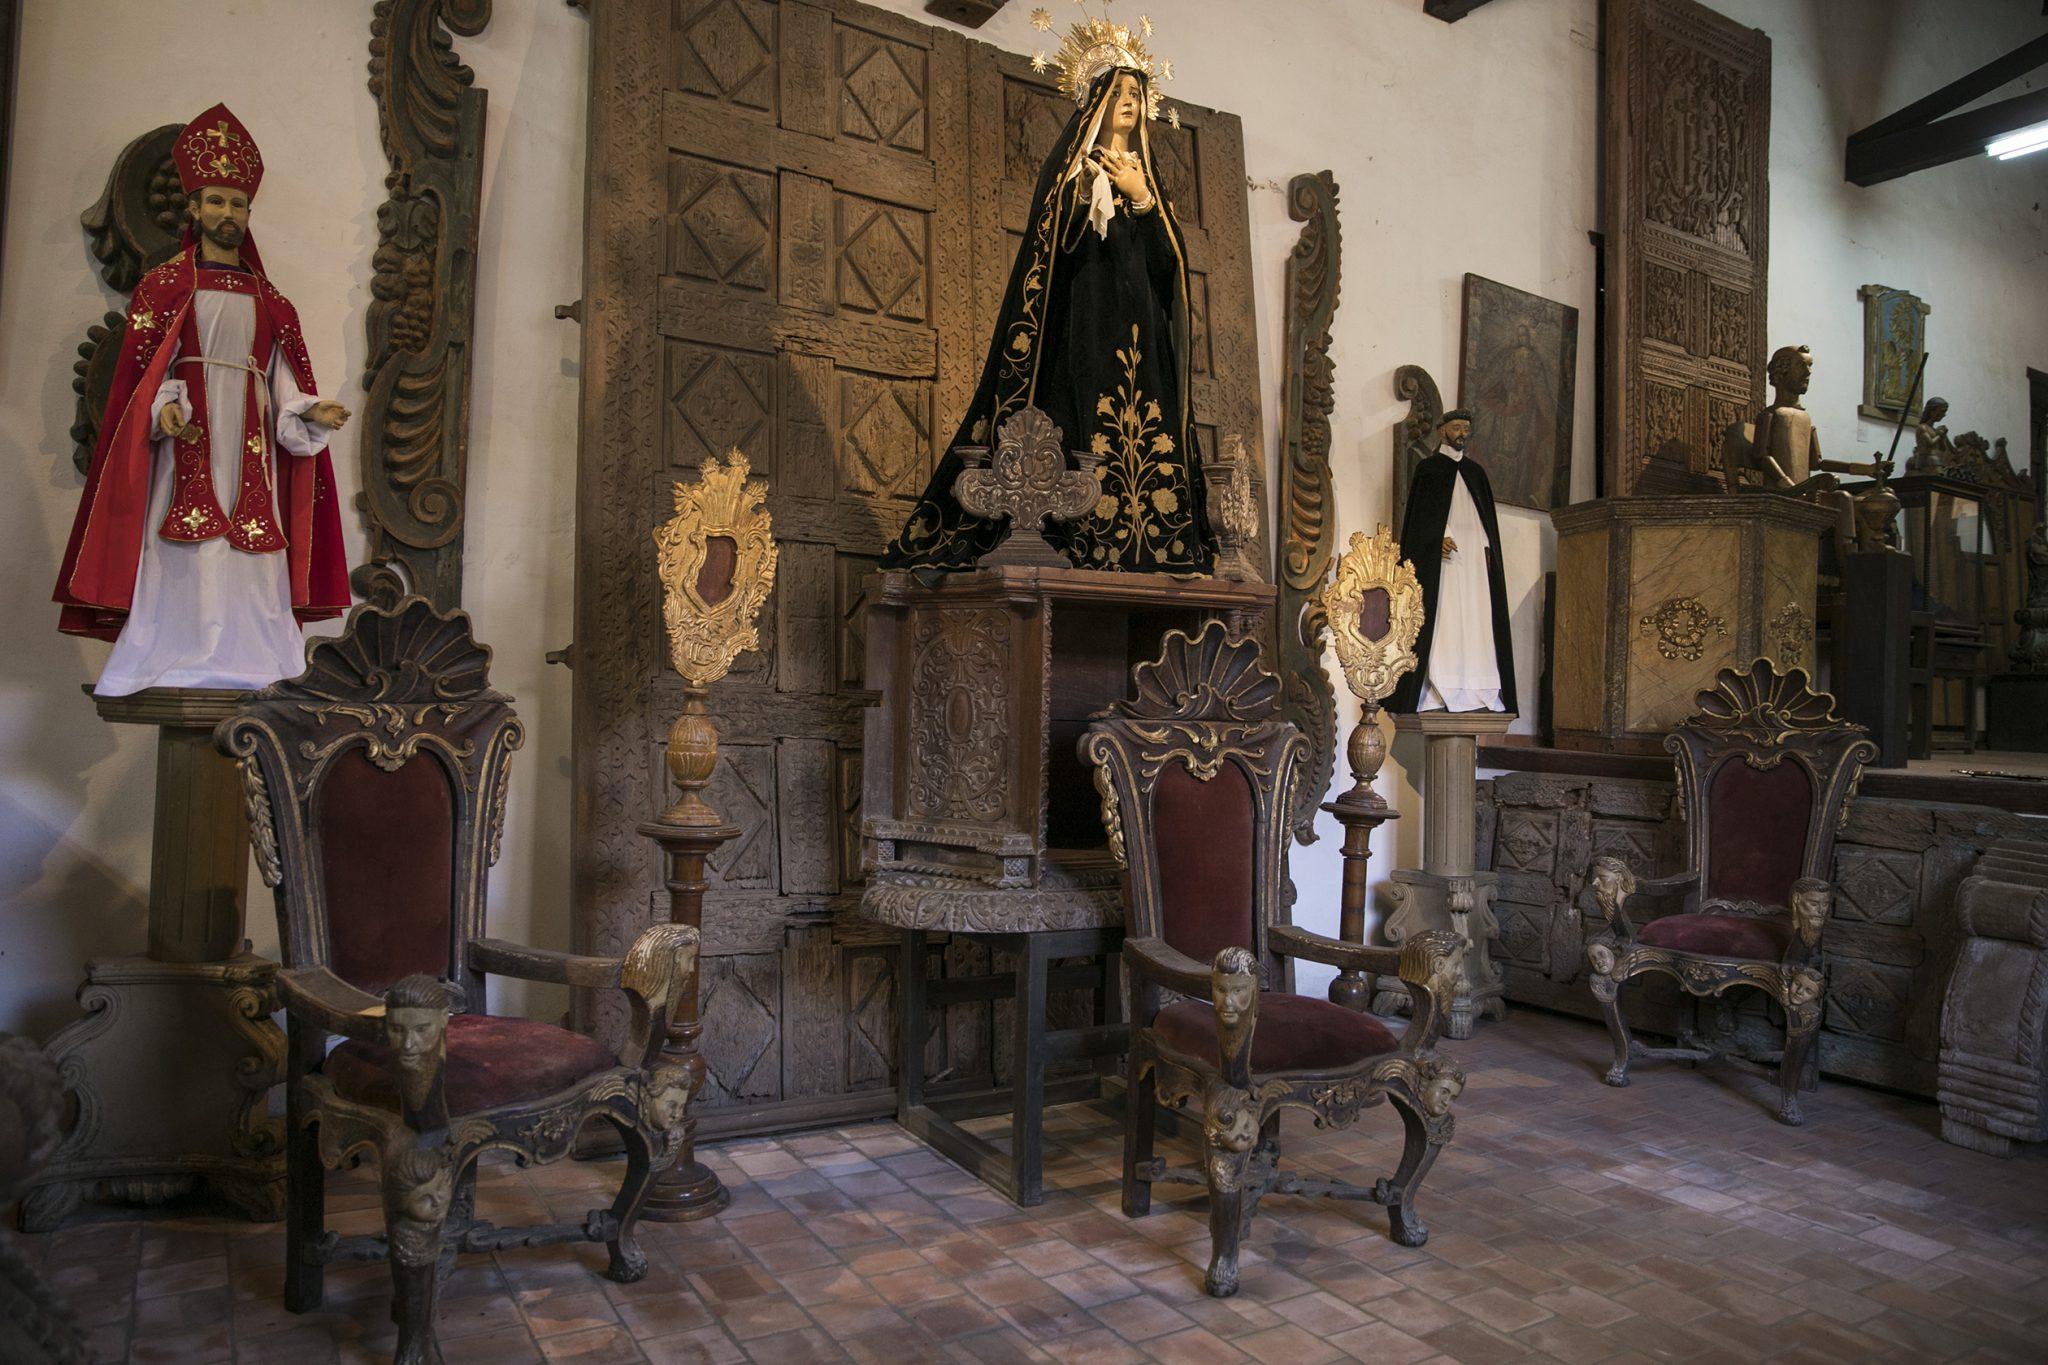 Museo Juan Sinforiano Bogarín © Laura Mandelik (imagen ilustrativa)